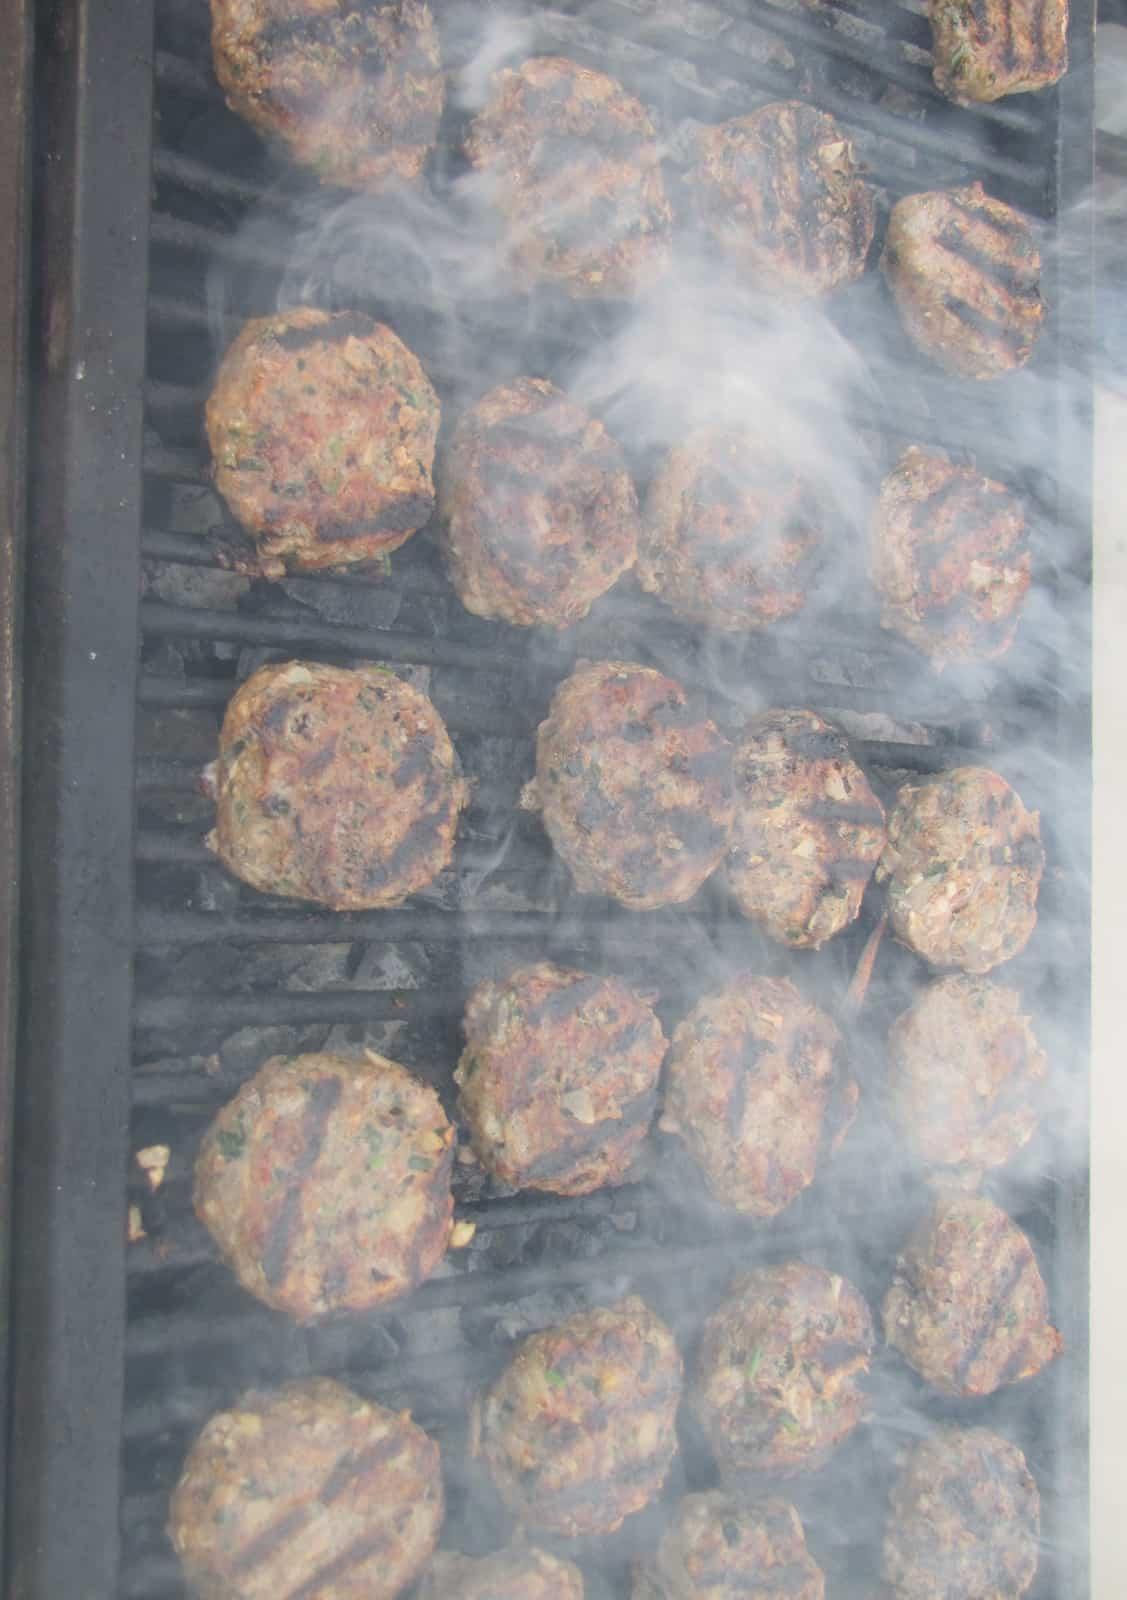 דוכן המבורגר לאירועים | קייטרינג טטיסטפולי